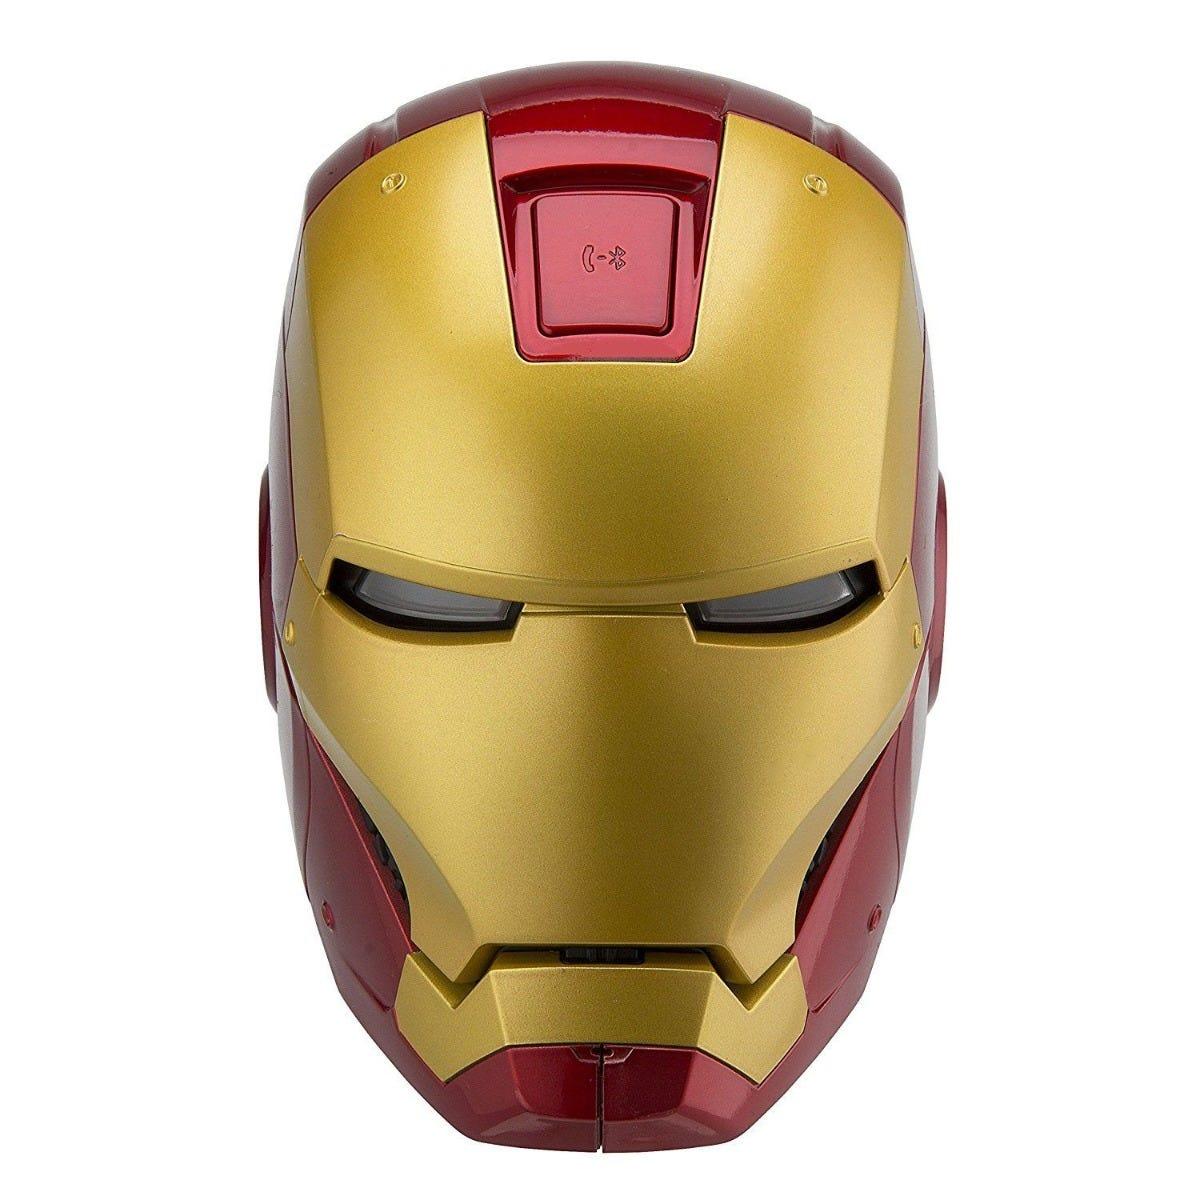 Bocina iHome® con diseño de Iron Man de bluetooth en rojo